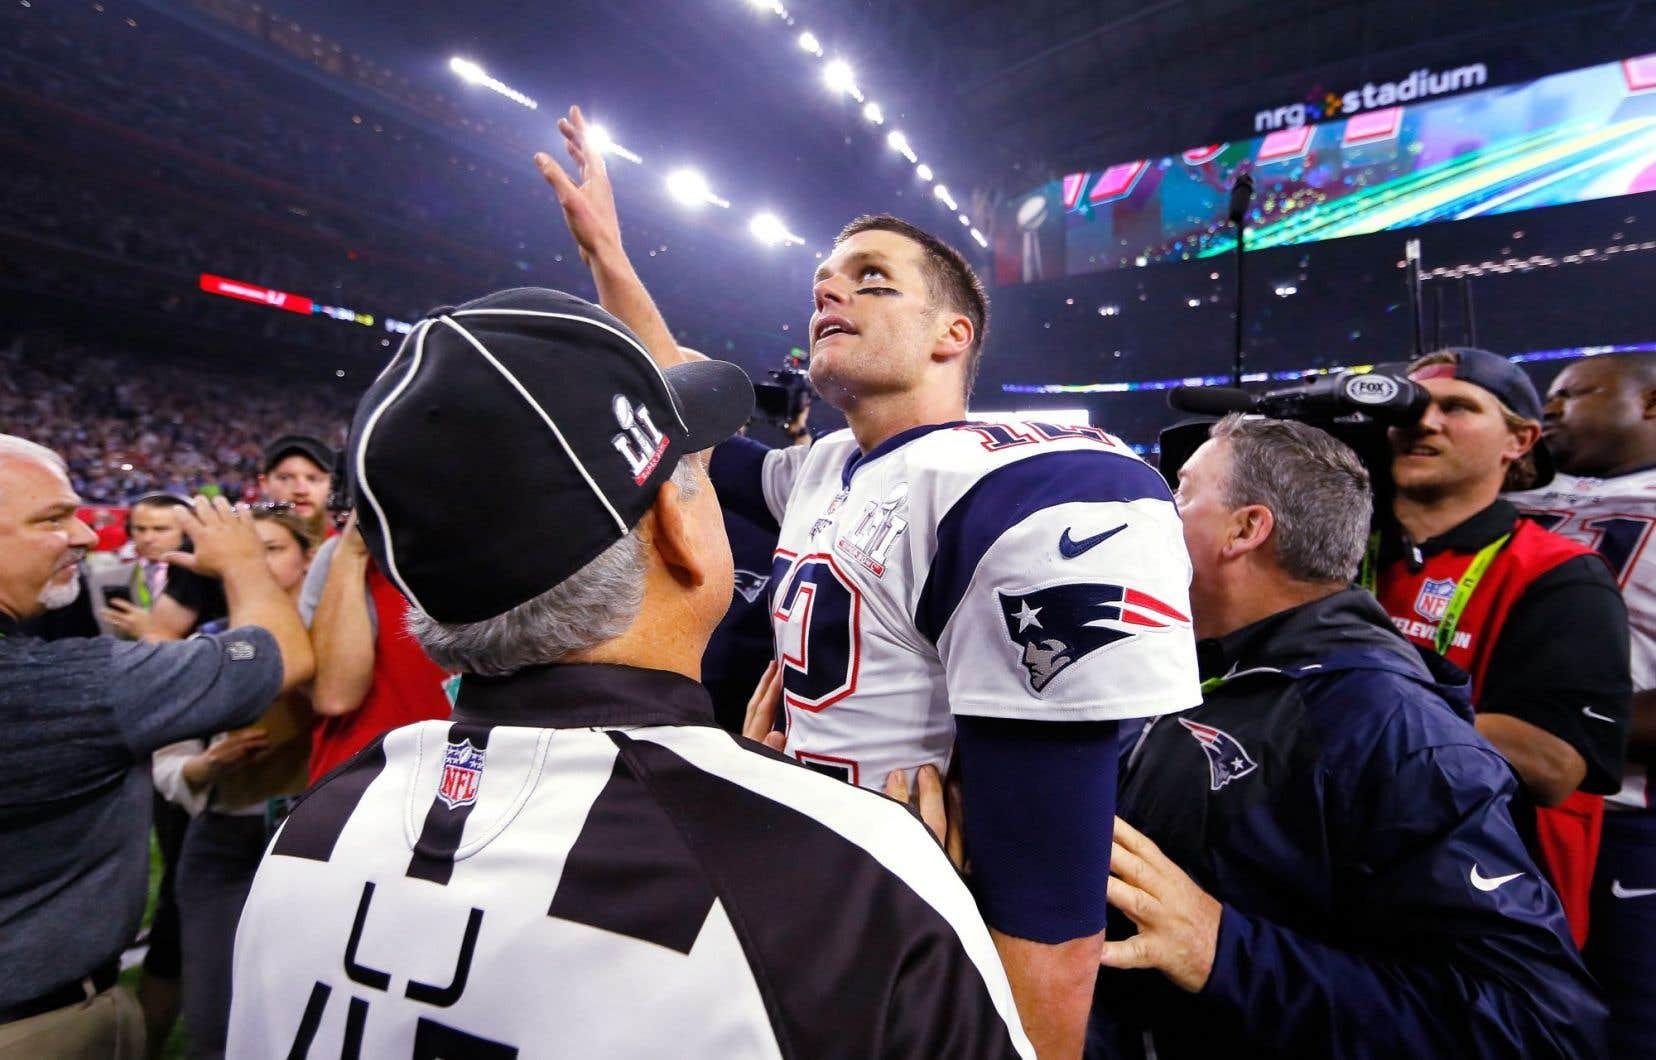 Les Patriots de la Nouvelle-Angleterre ont effectué une remontée historique pour remporter dimanche le 51e match du Super Bowl, battant les Falcons d'Atlanta 34-28 en prolongation. Le quart-arrière Tom Brady décroche ainsi un cinquième titre en carrière, un record.